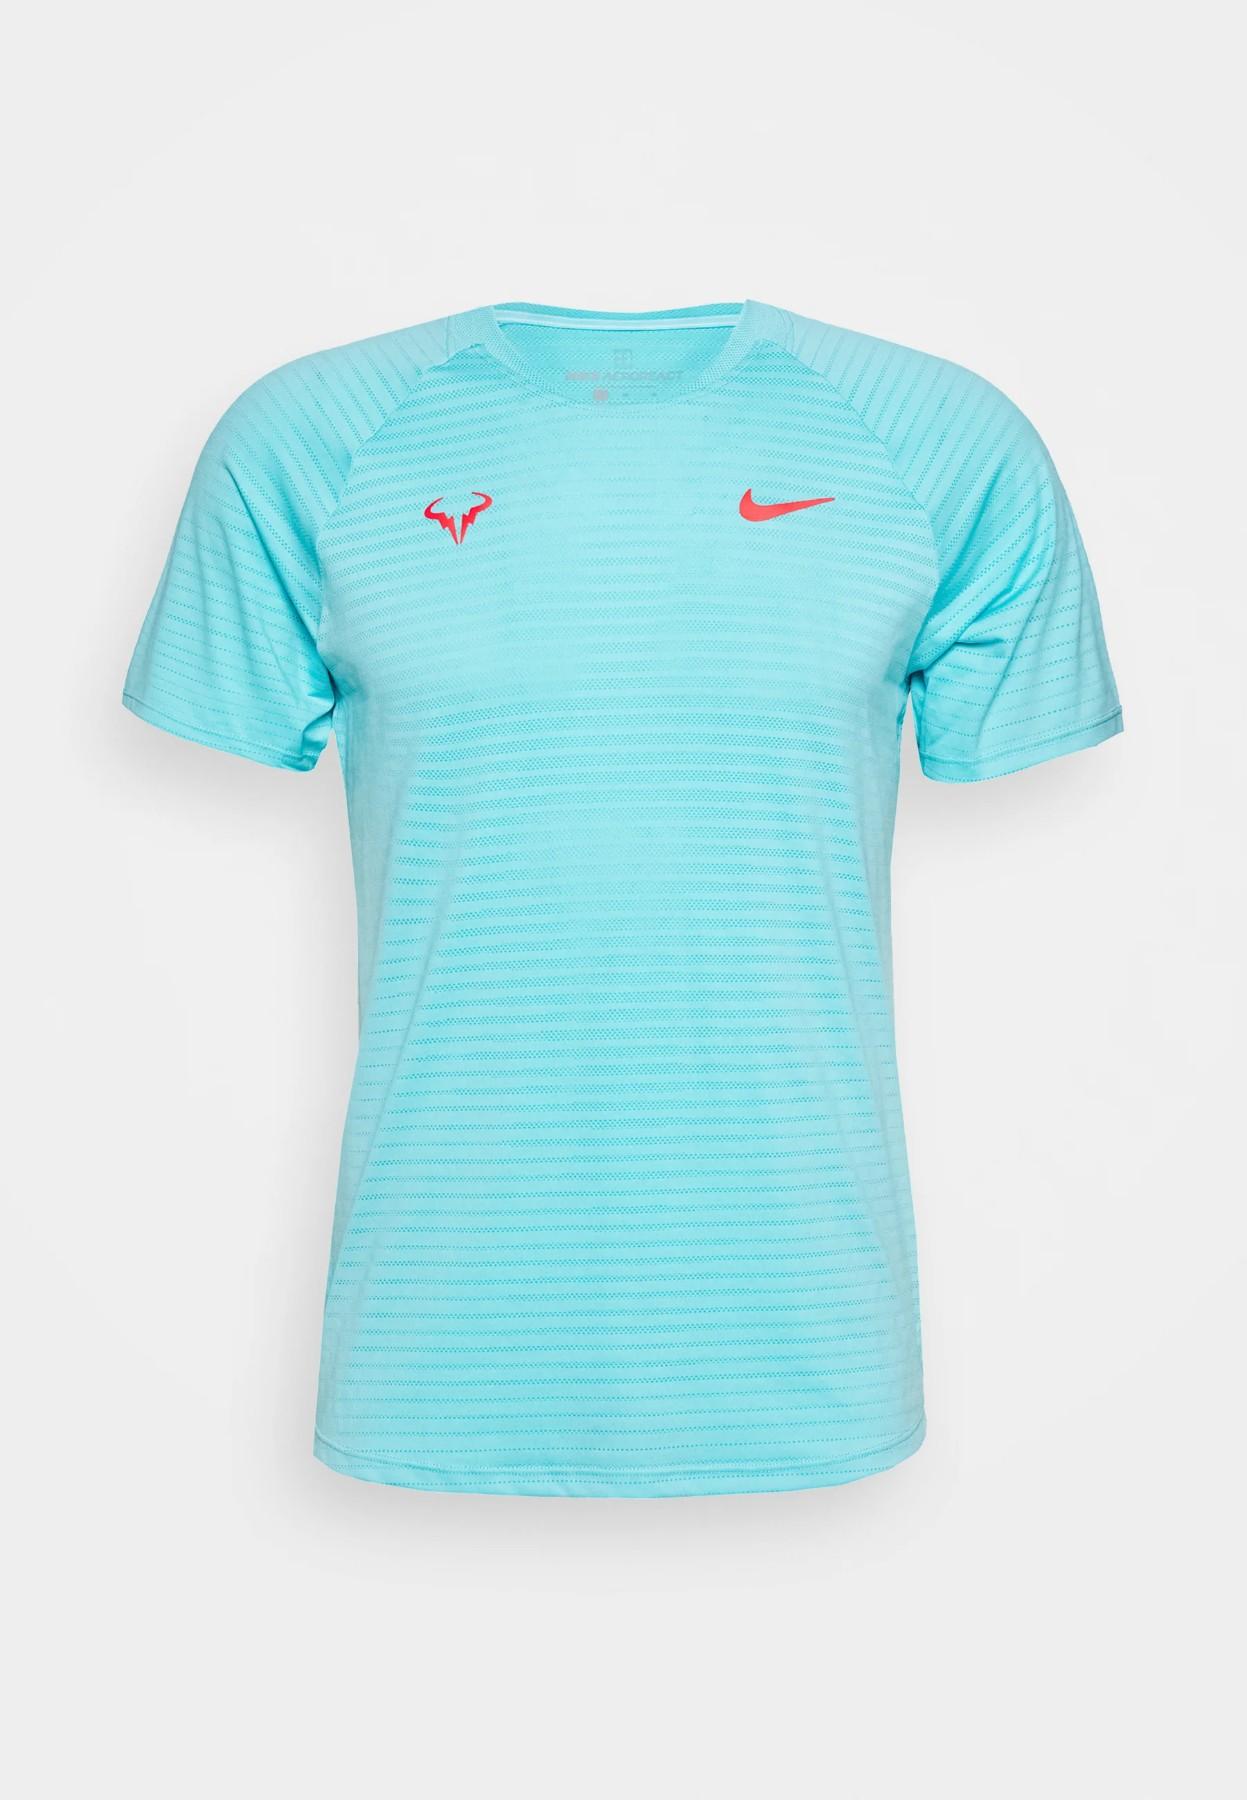 Nike Rafa Nadal Parigi 2020 collezione